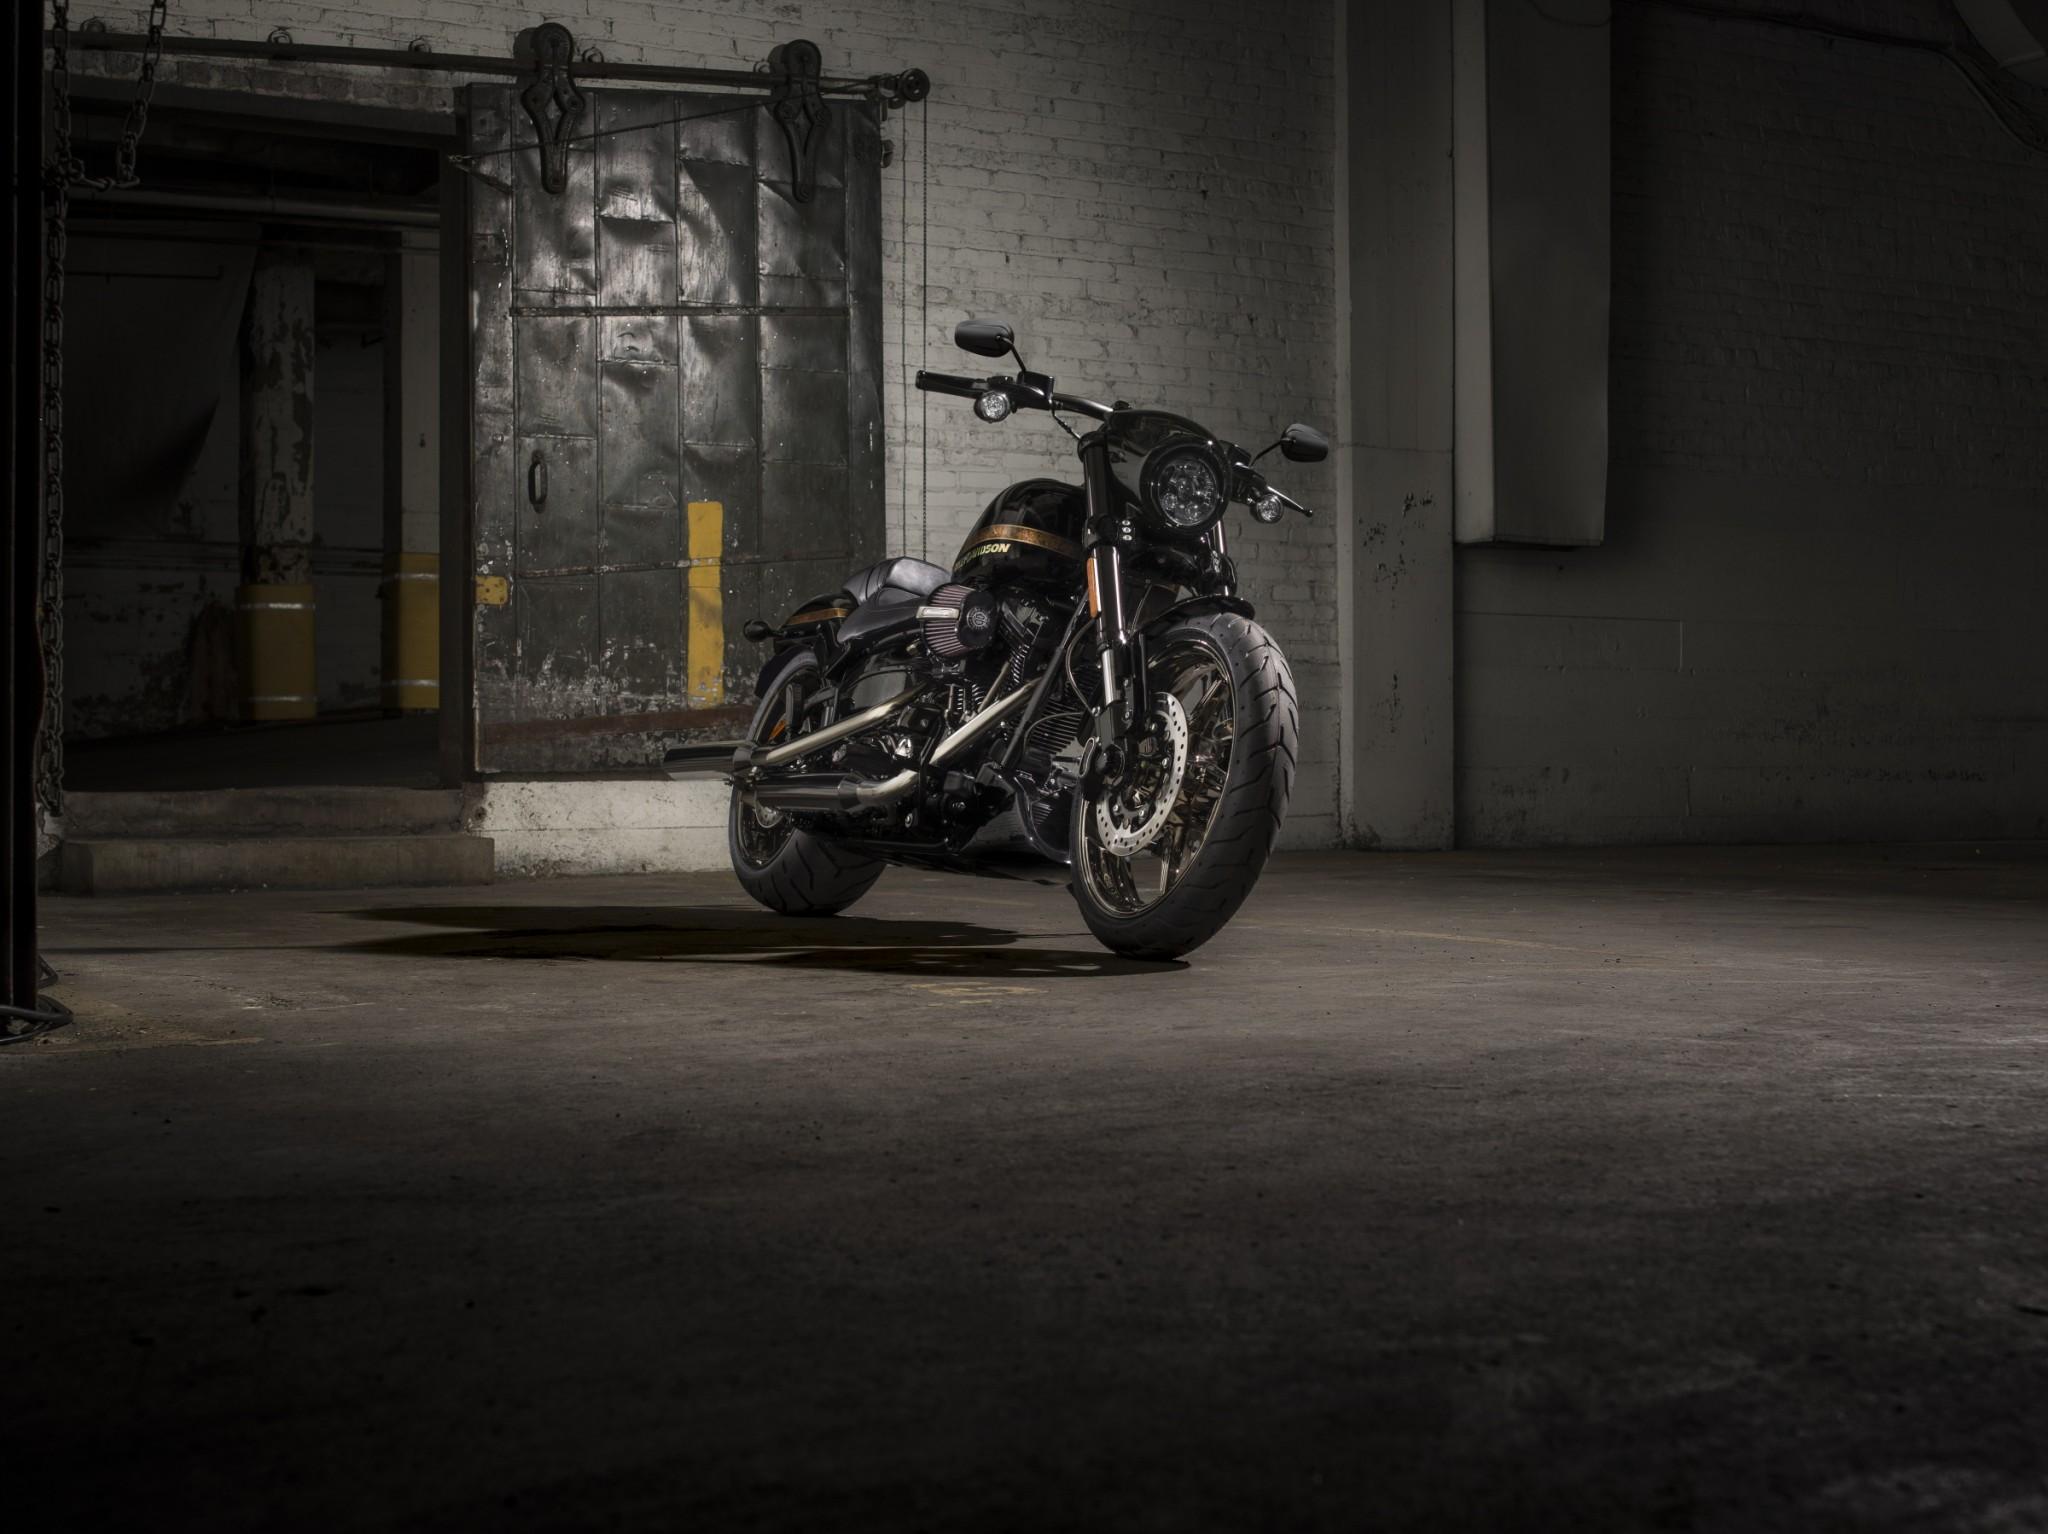 Uma moto com personalidade dark